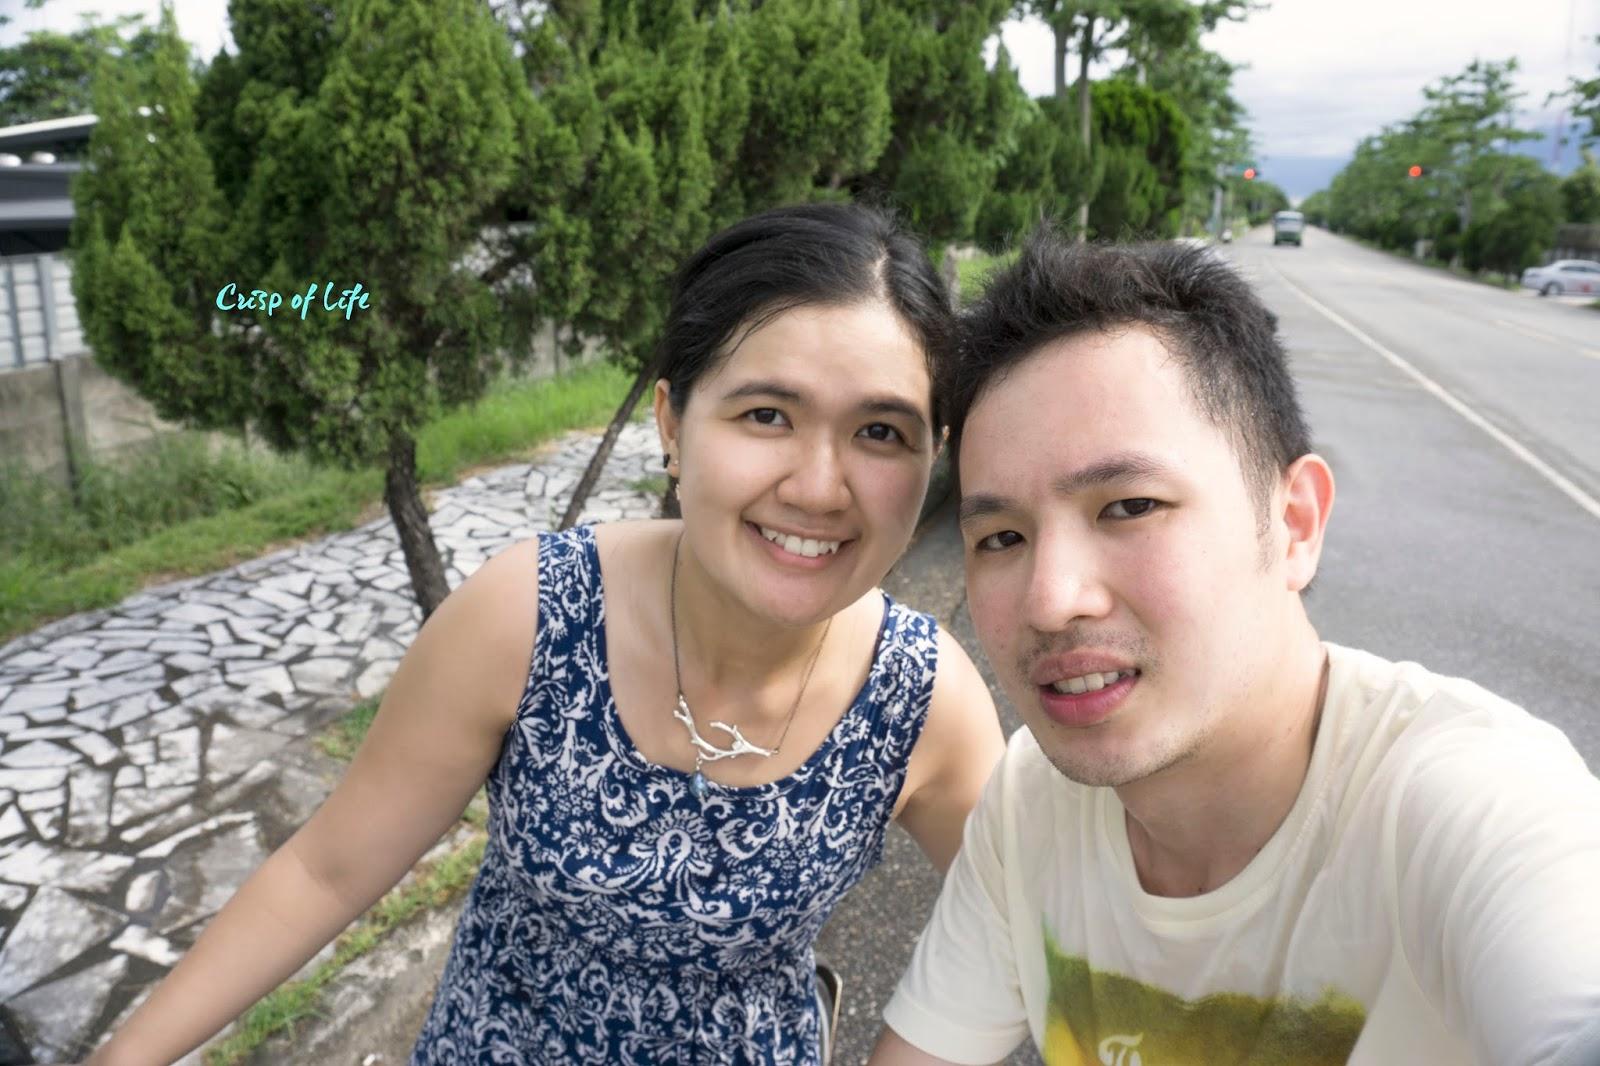 [HUALIEN 花莲] Day 6: Go to Hualien via Train, Cycling to Chishingtan Beach, Yuan Yeh Ranch 第六天:火车到花莲,骑自行车去七星潭,原野牧场